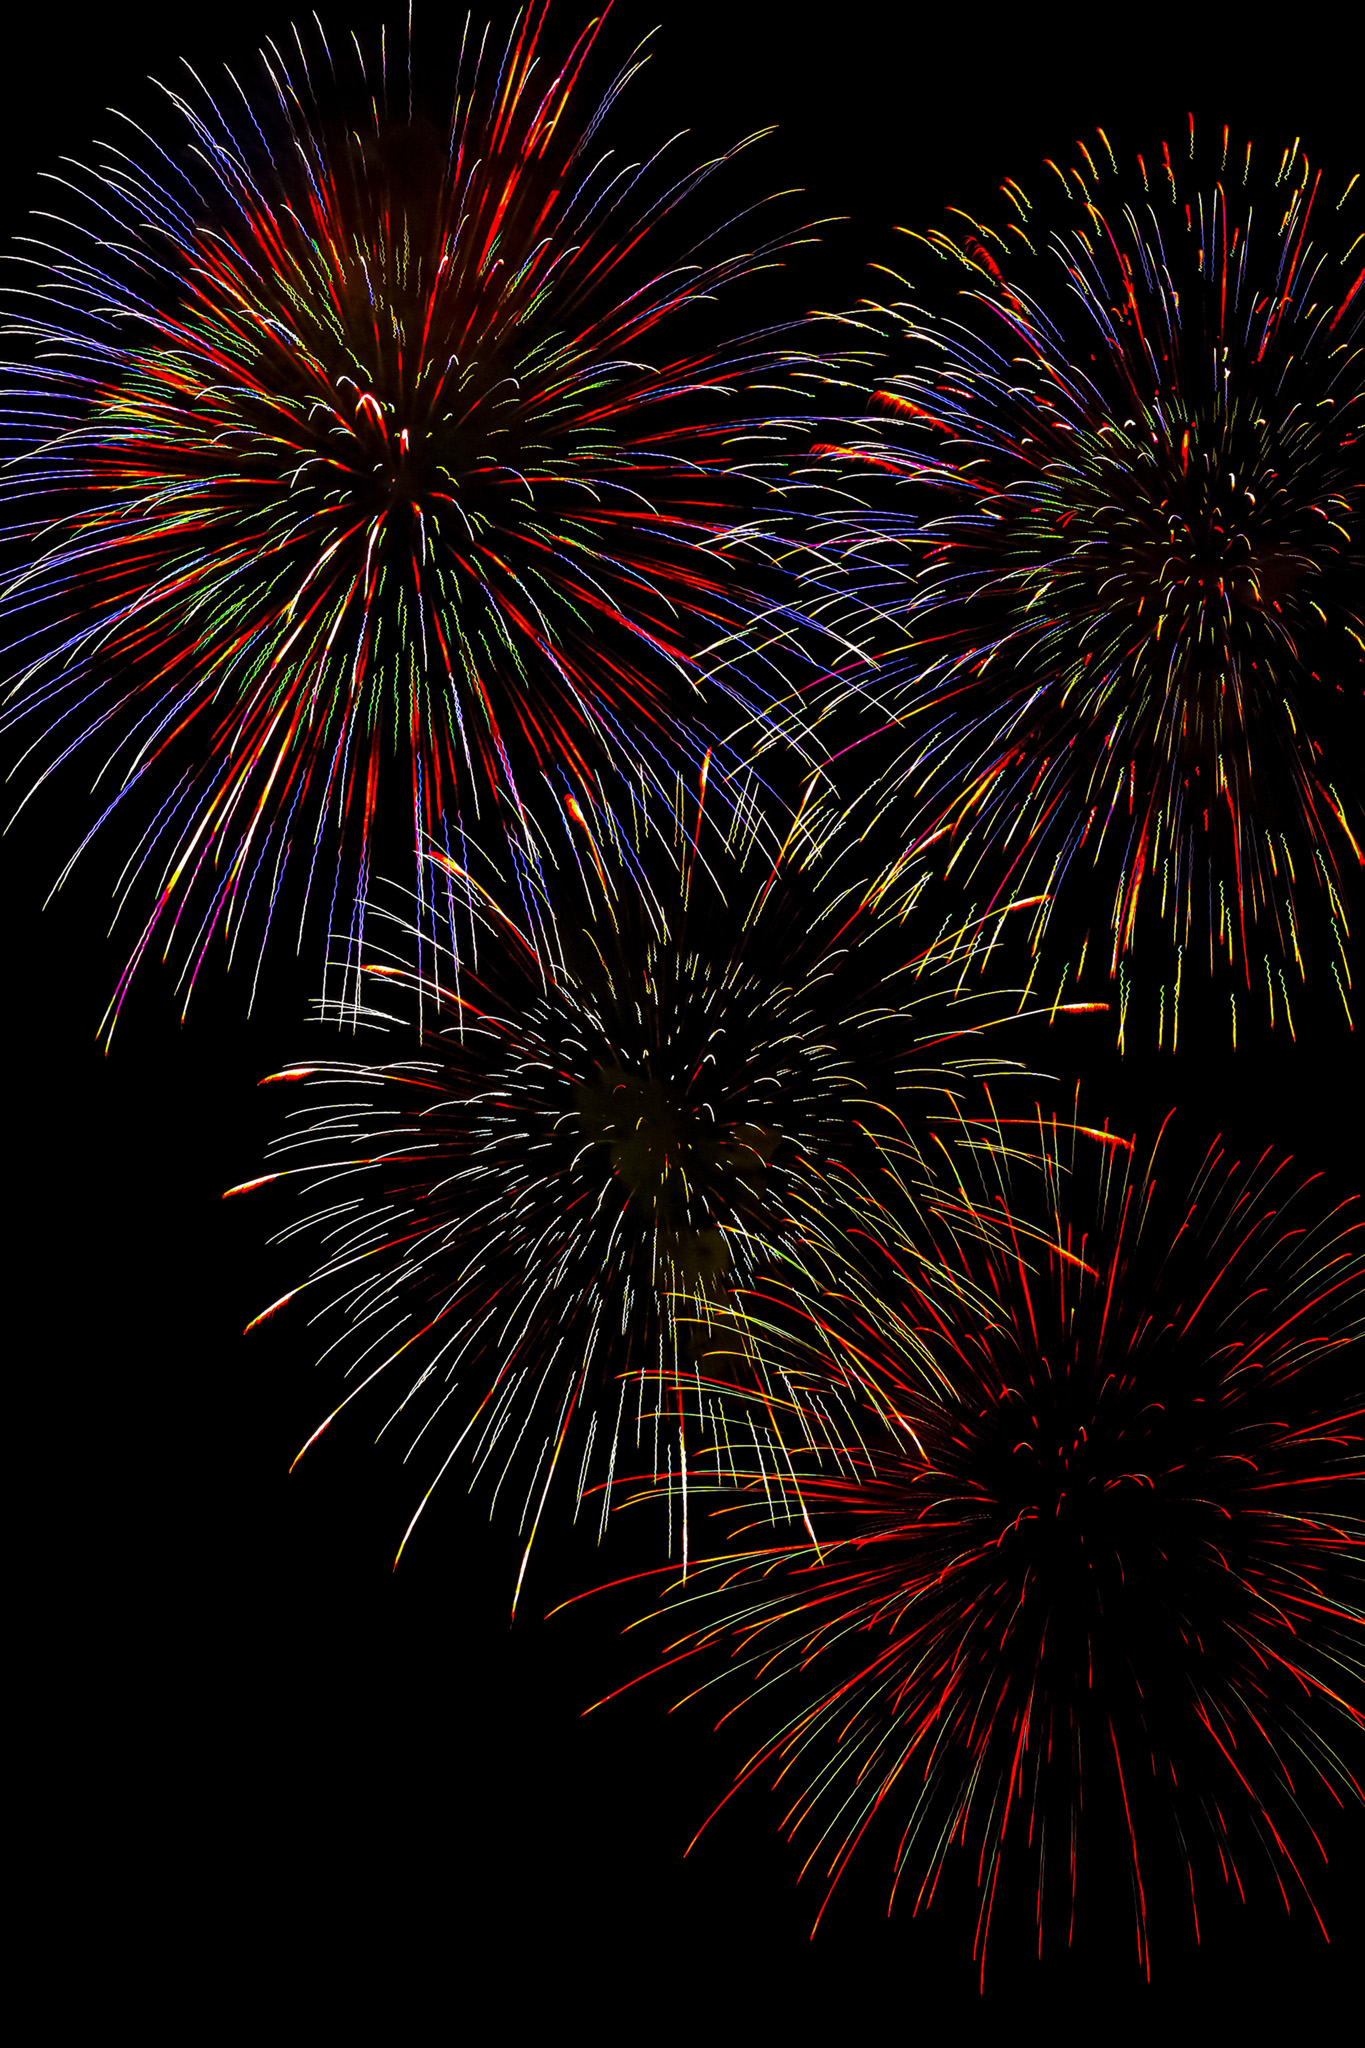 「煌めく花火の撮影画像」のテクスチャを無料ダウンロード